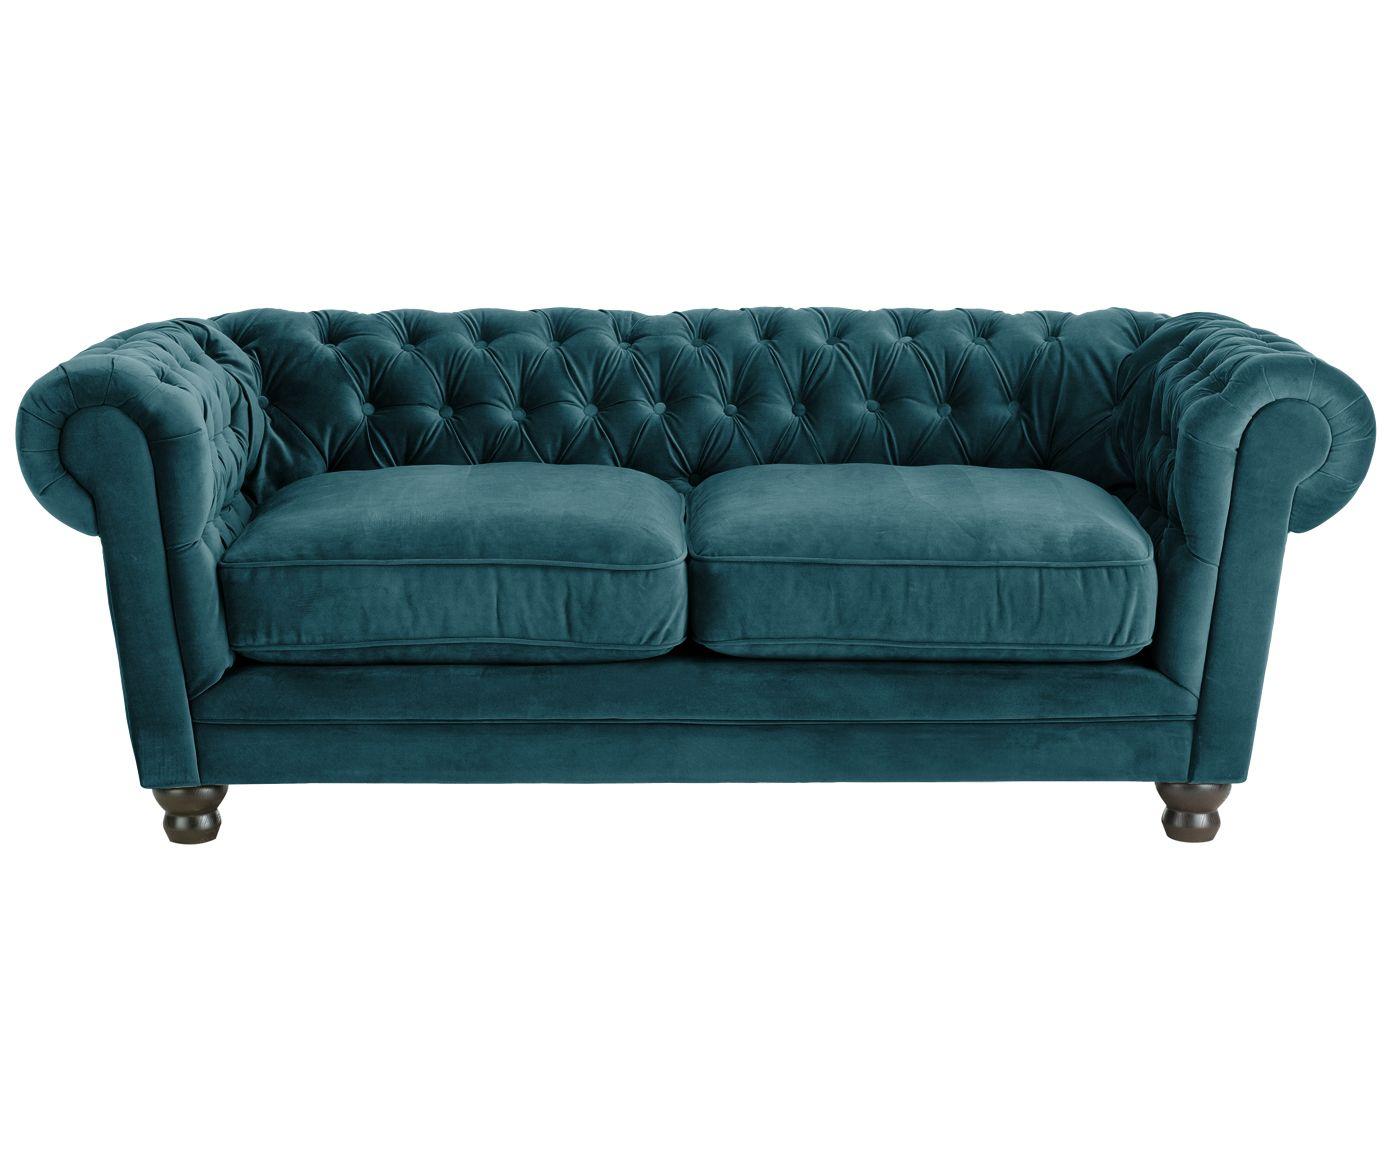 2 Sitzer Sofa In Petrol WestwingNow